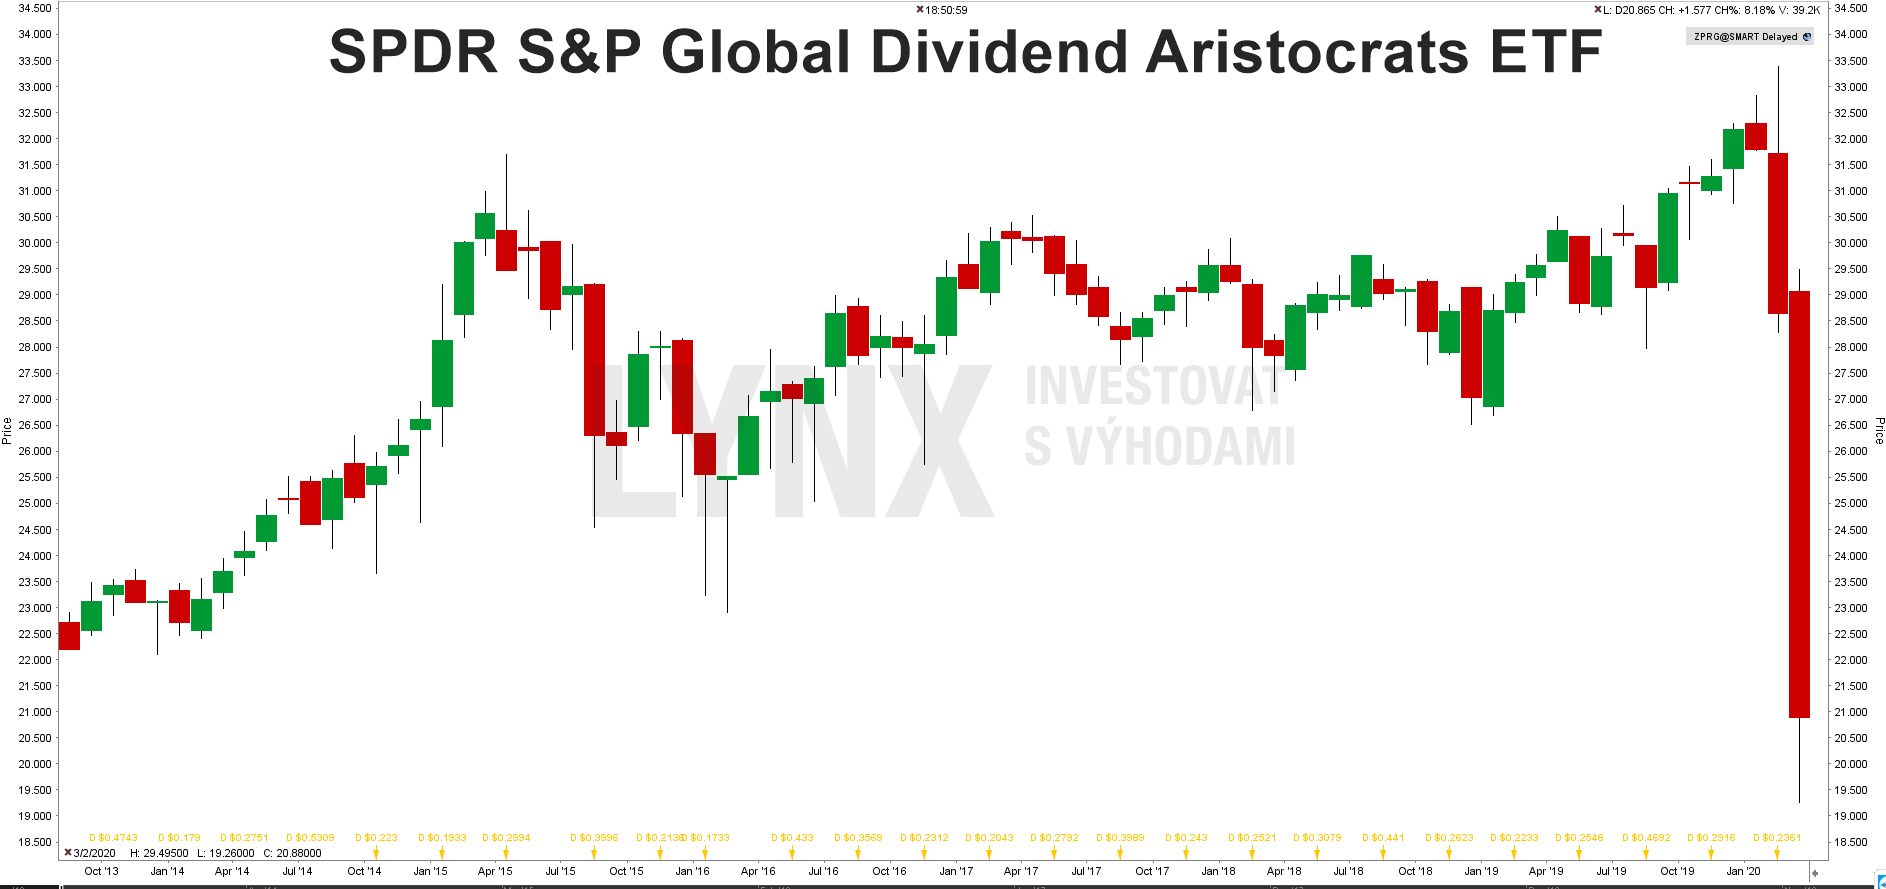 GrafSPDR S&P Global Dividend Aristocrats ETF